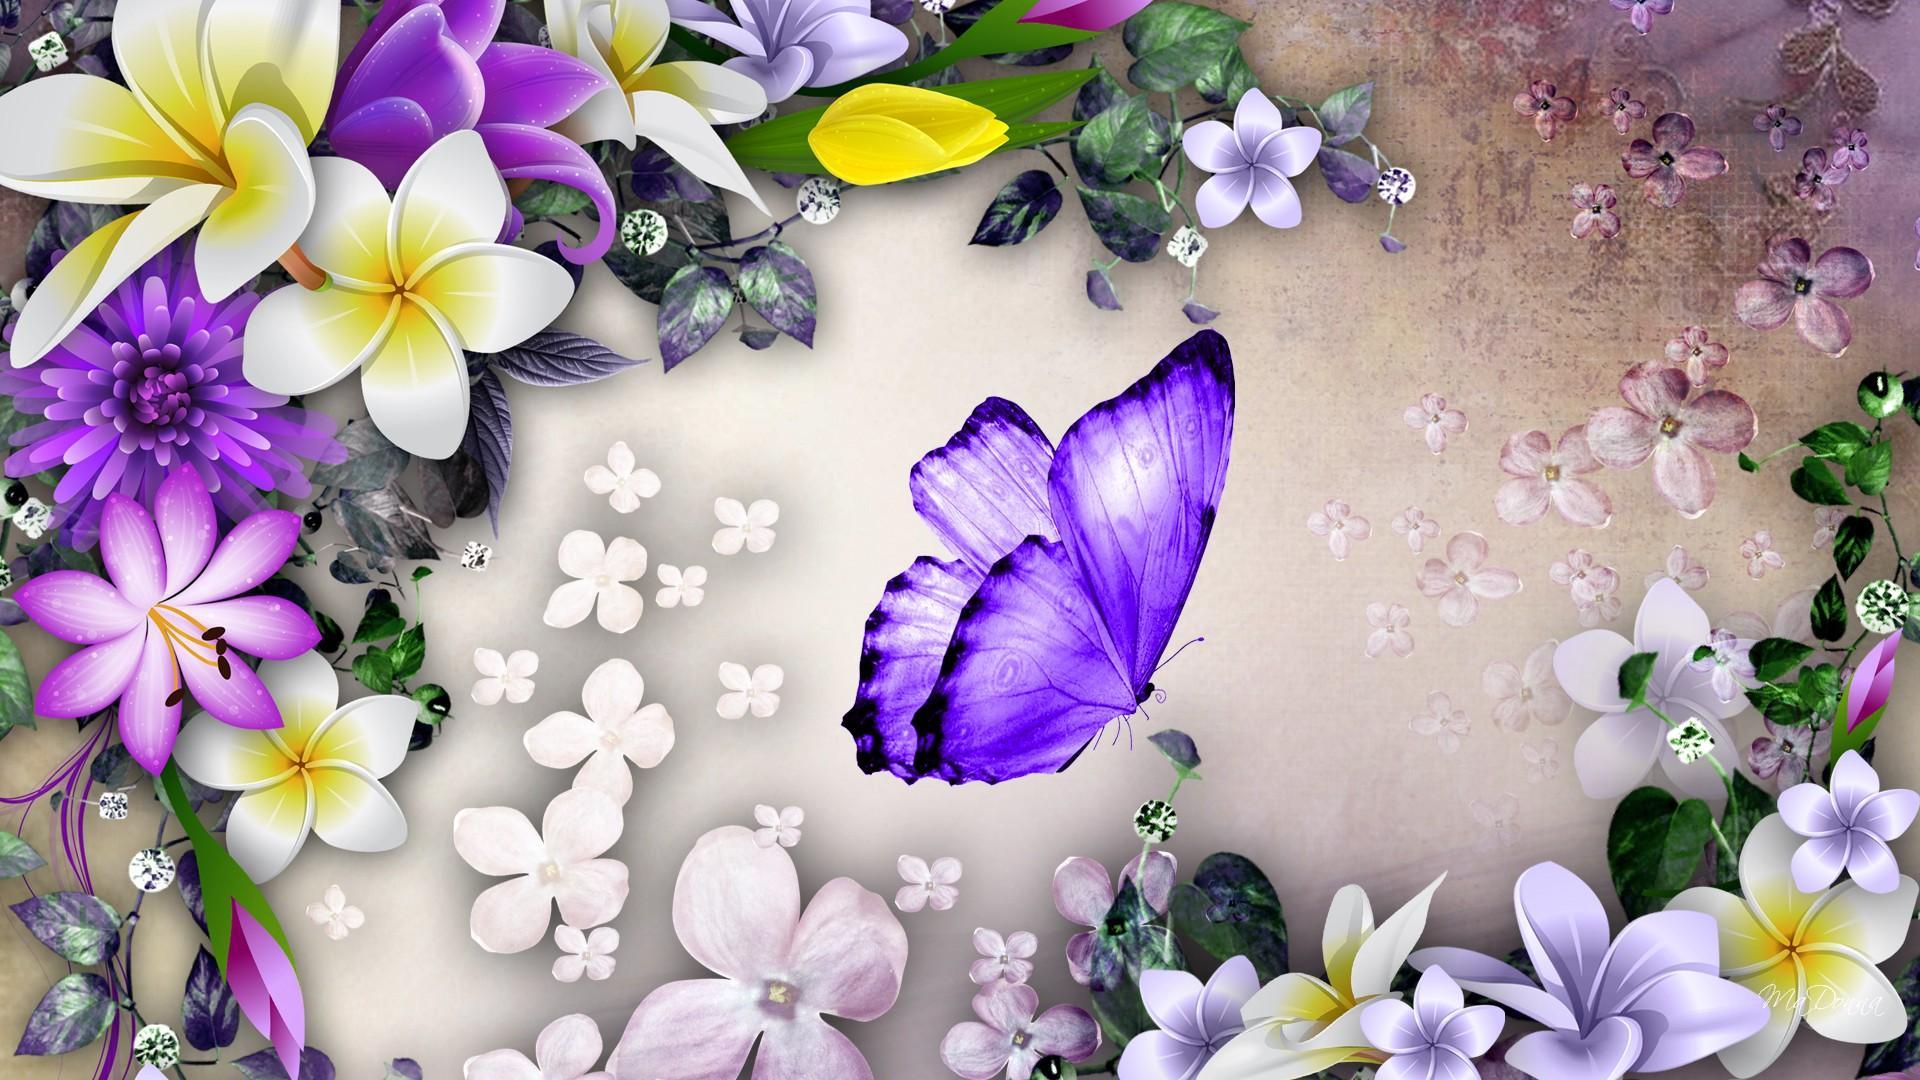 Purple Butterfly Wallpaper - WallpaperSafari